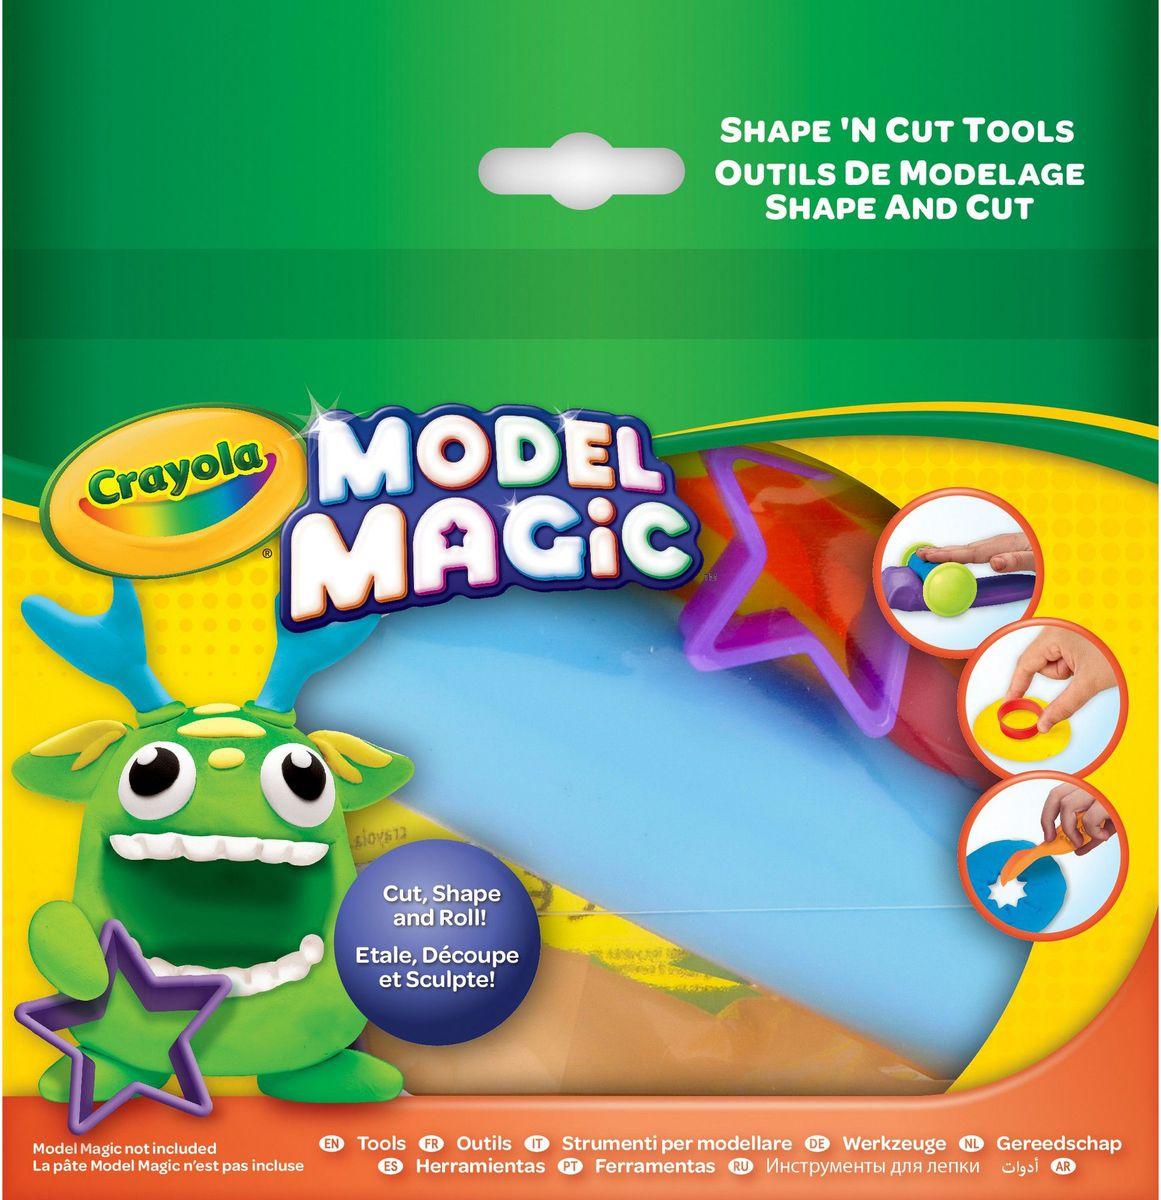 Crayola Набор инструментов для лепки пластилином23-3304Набор инструментов для лепки Crayola предназначен для деток, которым уже исполнилось четыре года. Яркие фигурки, по форме напоминающие сердечко, звездочку, кружочек, а также удобную раскатку для пластилина, помогут вашему малышу создать чудесные фигурки зверюшек, фруктиков, овощей и многое другое, что придет ему в голову. С данным набором инструментов ребенку будет не сложно придумать, что он будет лепить сегодня. Данный набор включает в себя шесть приспособление для лепки, выполненных из пластмассы высокого качества в насыщенных цветах. Упаковка квадратной формы сможет поразить малыша своими выразительными цветами.